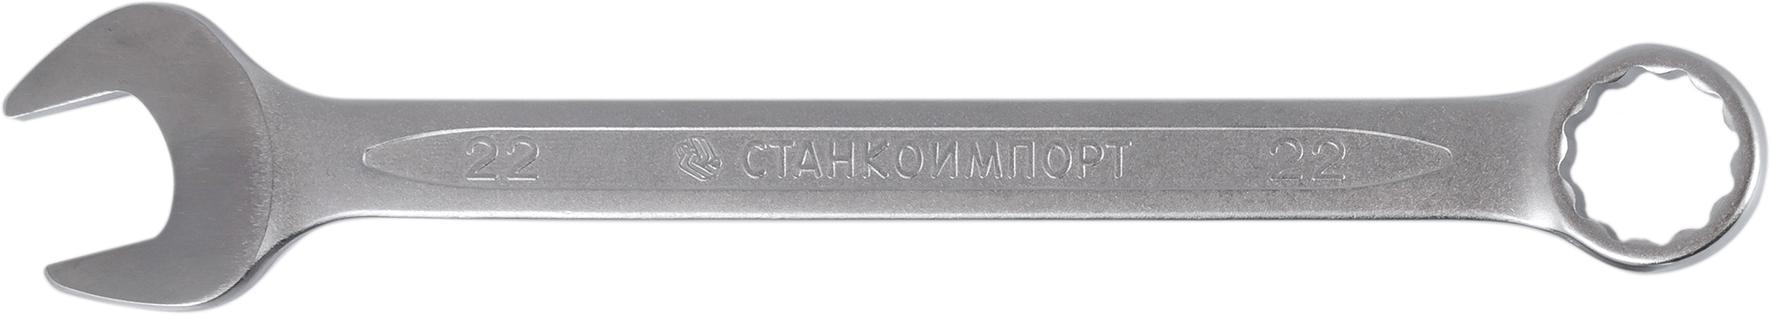 Купить Ключ СТАНКОИМПОРТ КК.11.30.М43.